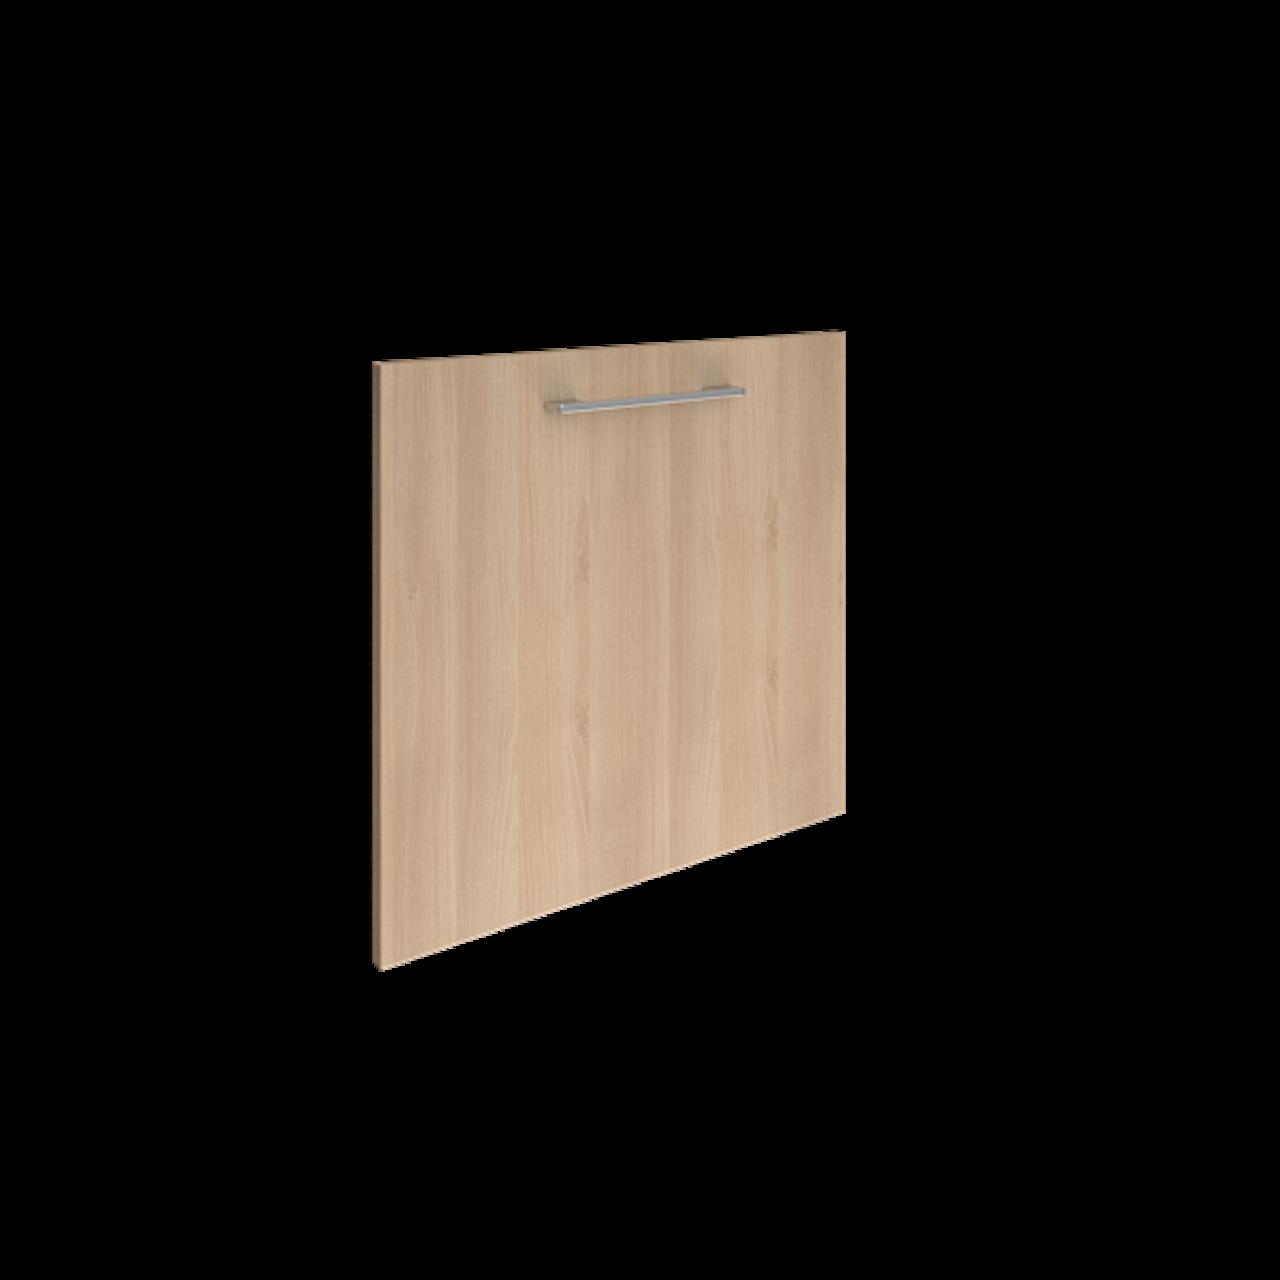 Дверь дсп шкаф четырехсекционный левая - фото 5